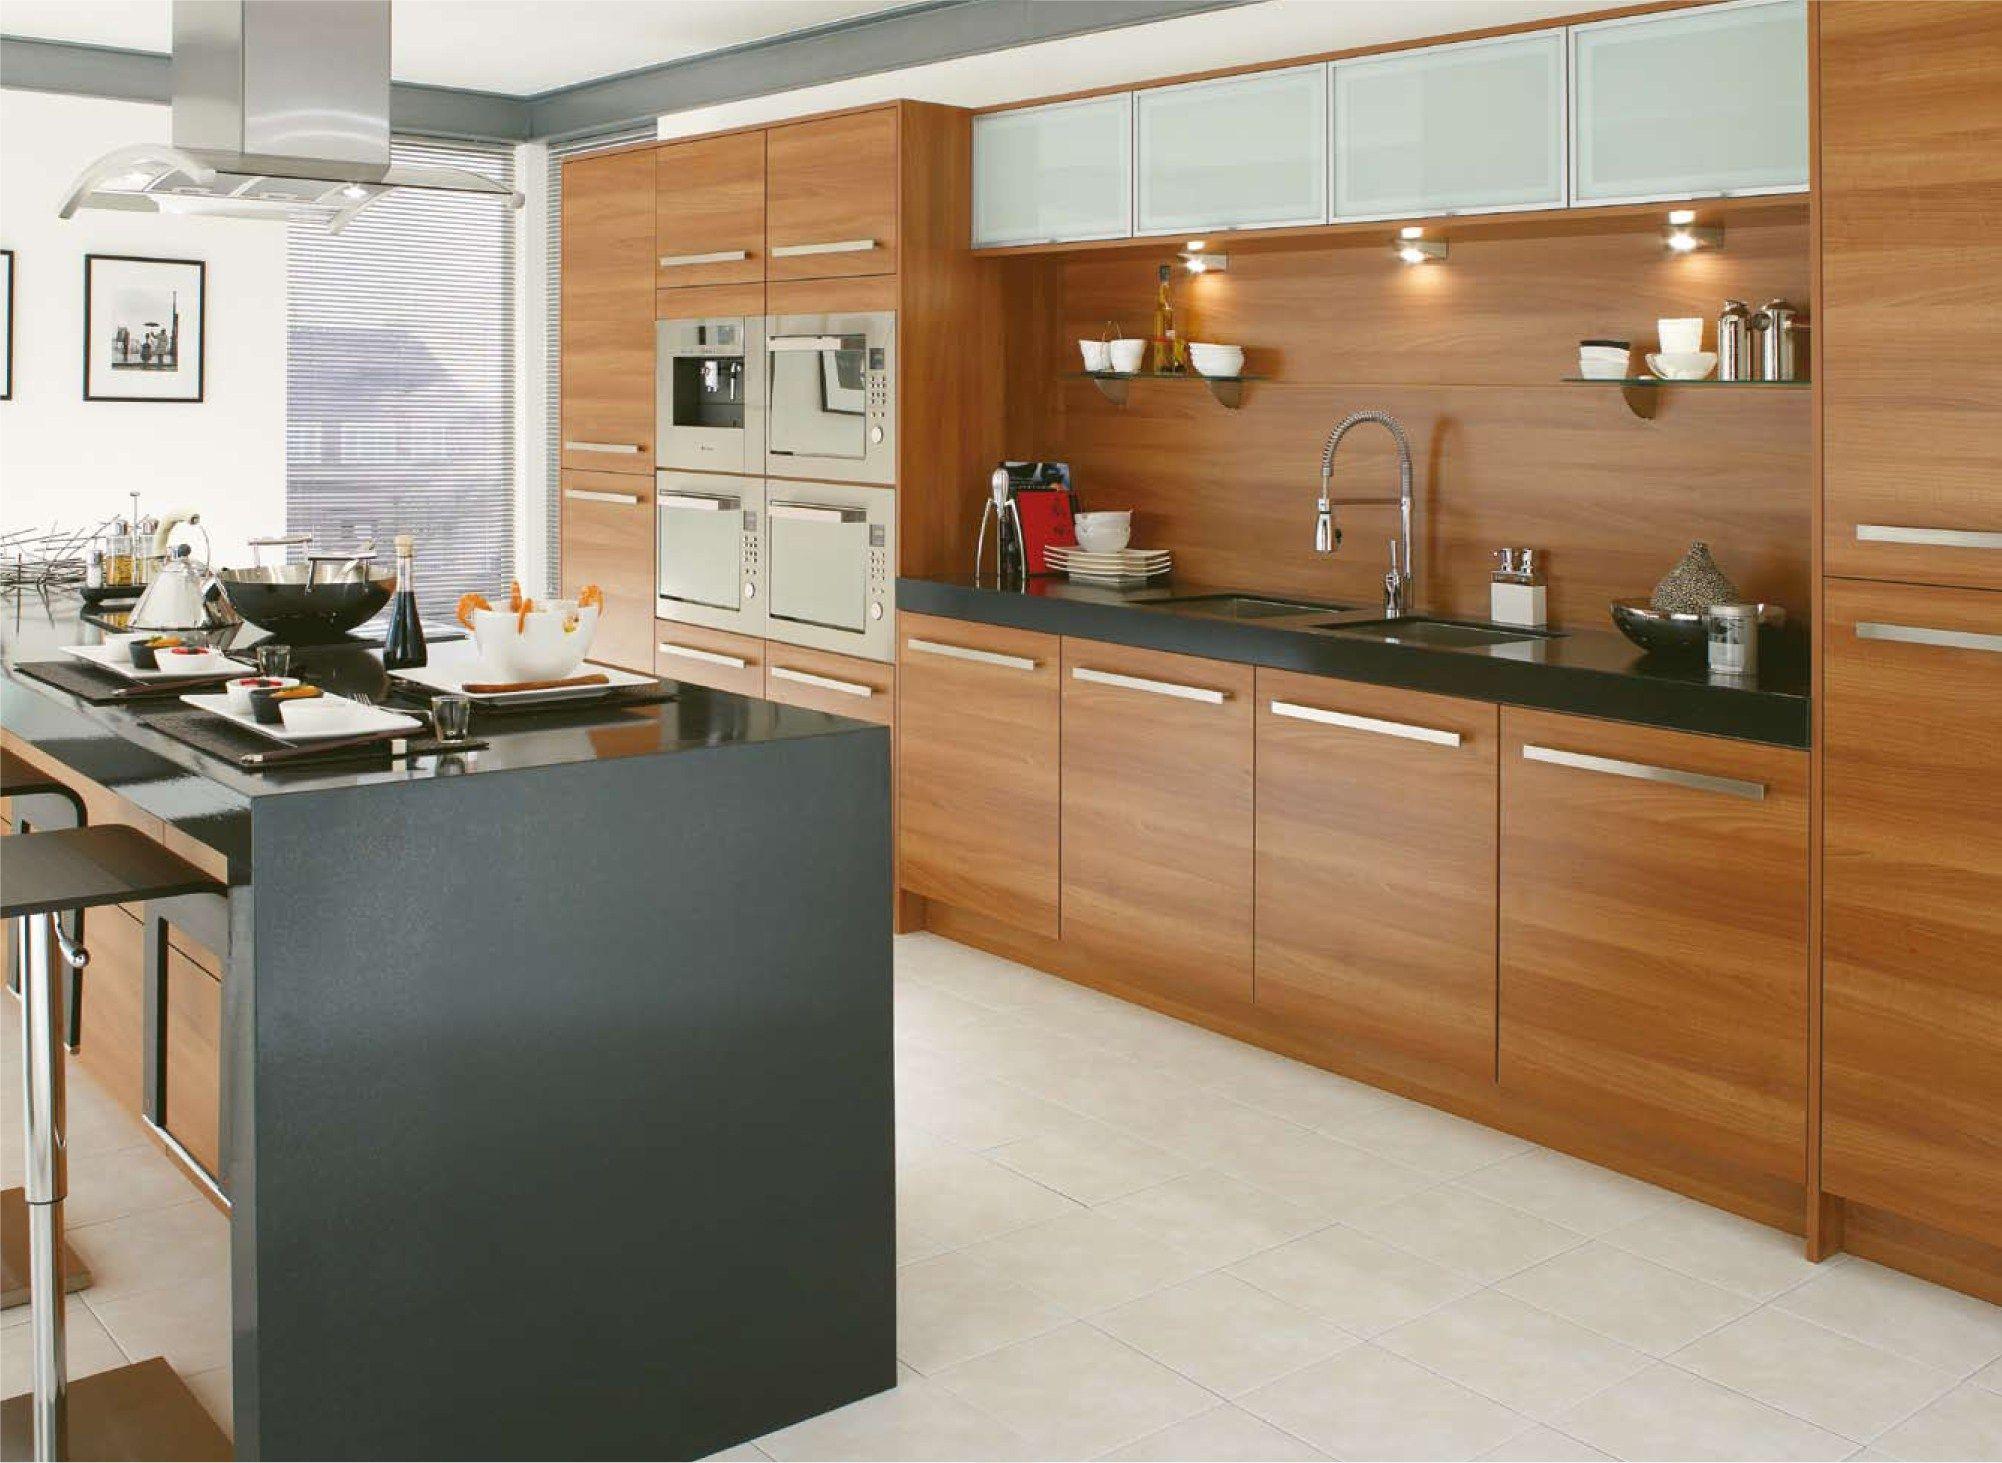 60 kitchen design trends 2018 modern kitchen renovation kitchen remodel cost cheap kitchen on kitchen decor trends id=80498